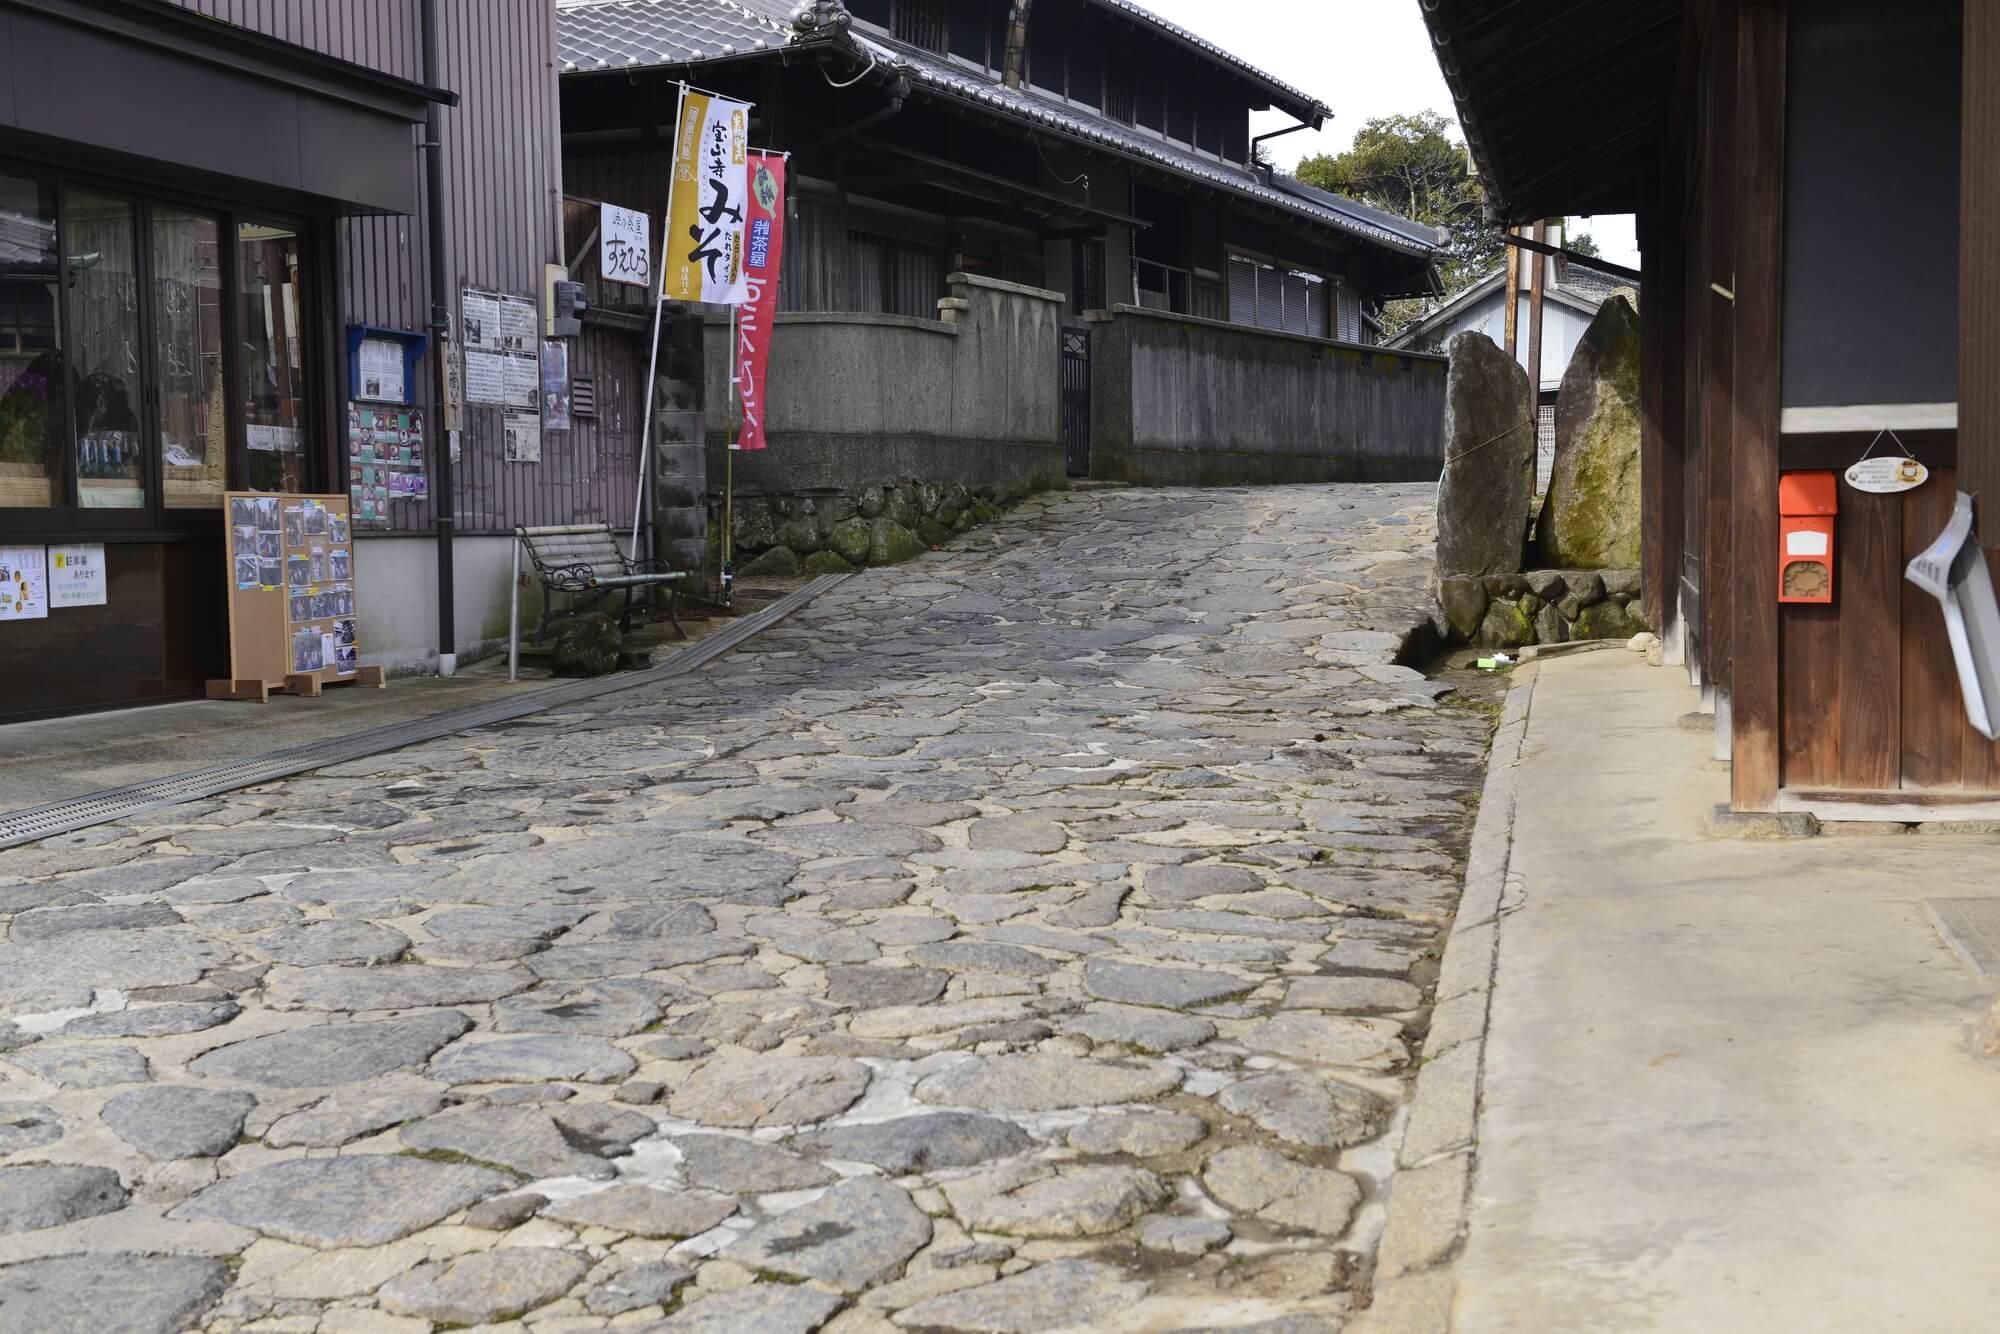 暗越奈良街道